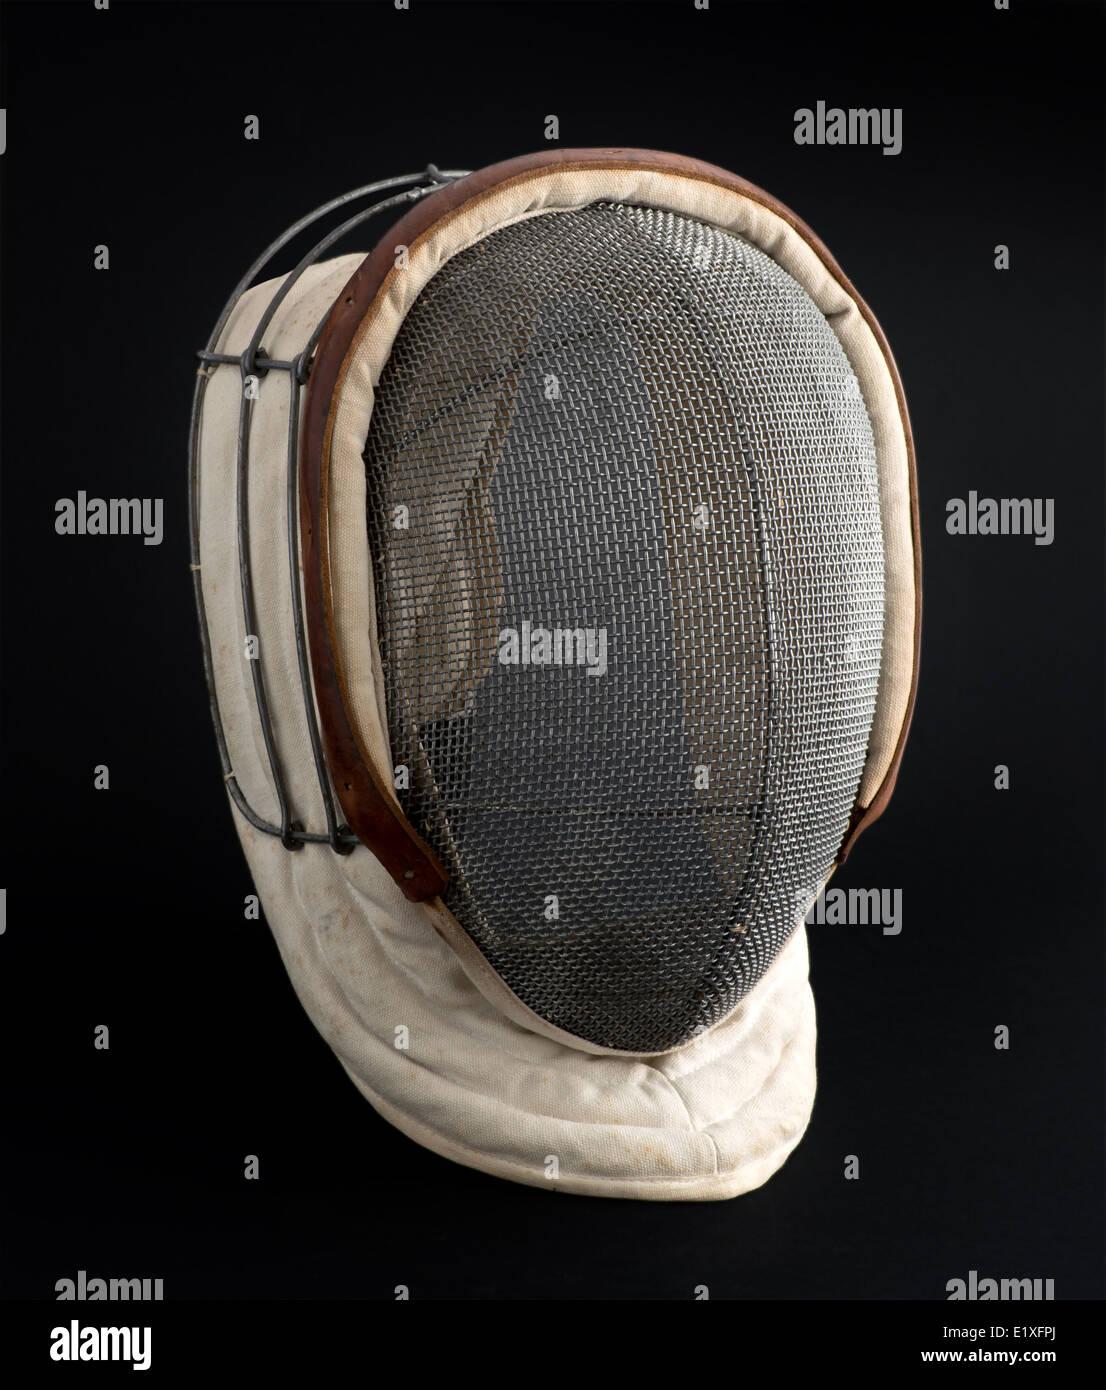 Masque d'escrime Photo Stock